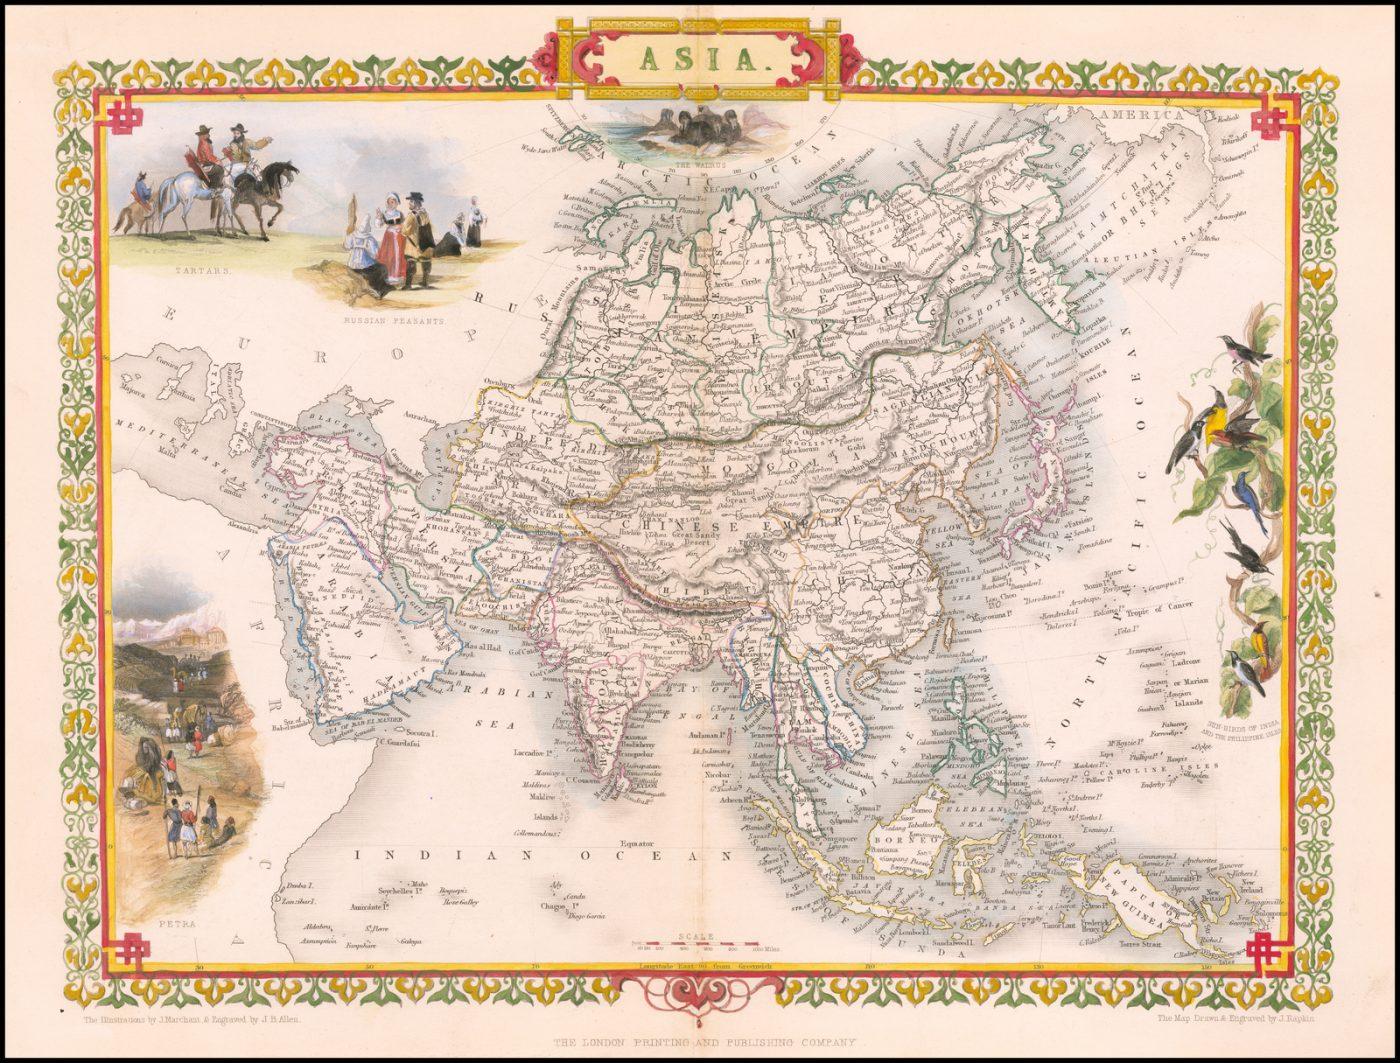 Яркая полноцветная изумительная карта Азиатского континента Джона Таллиса